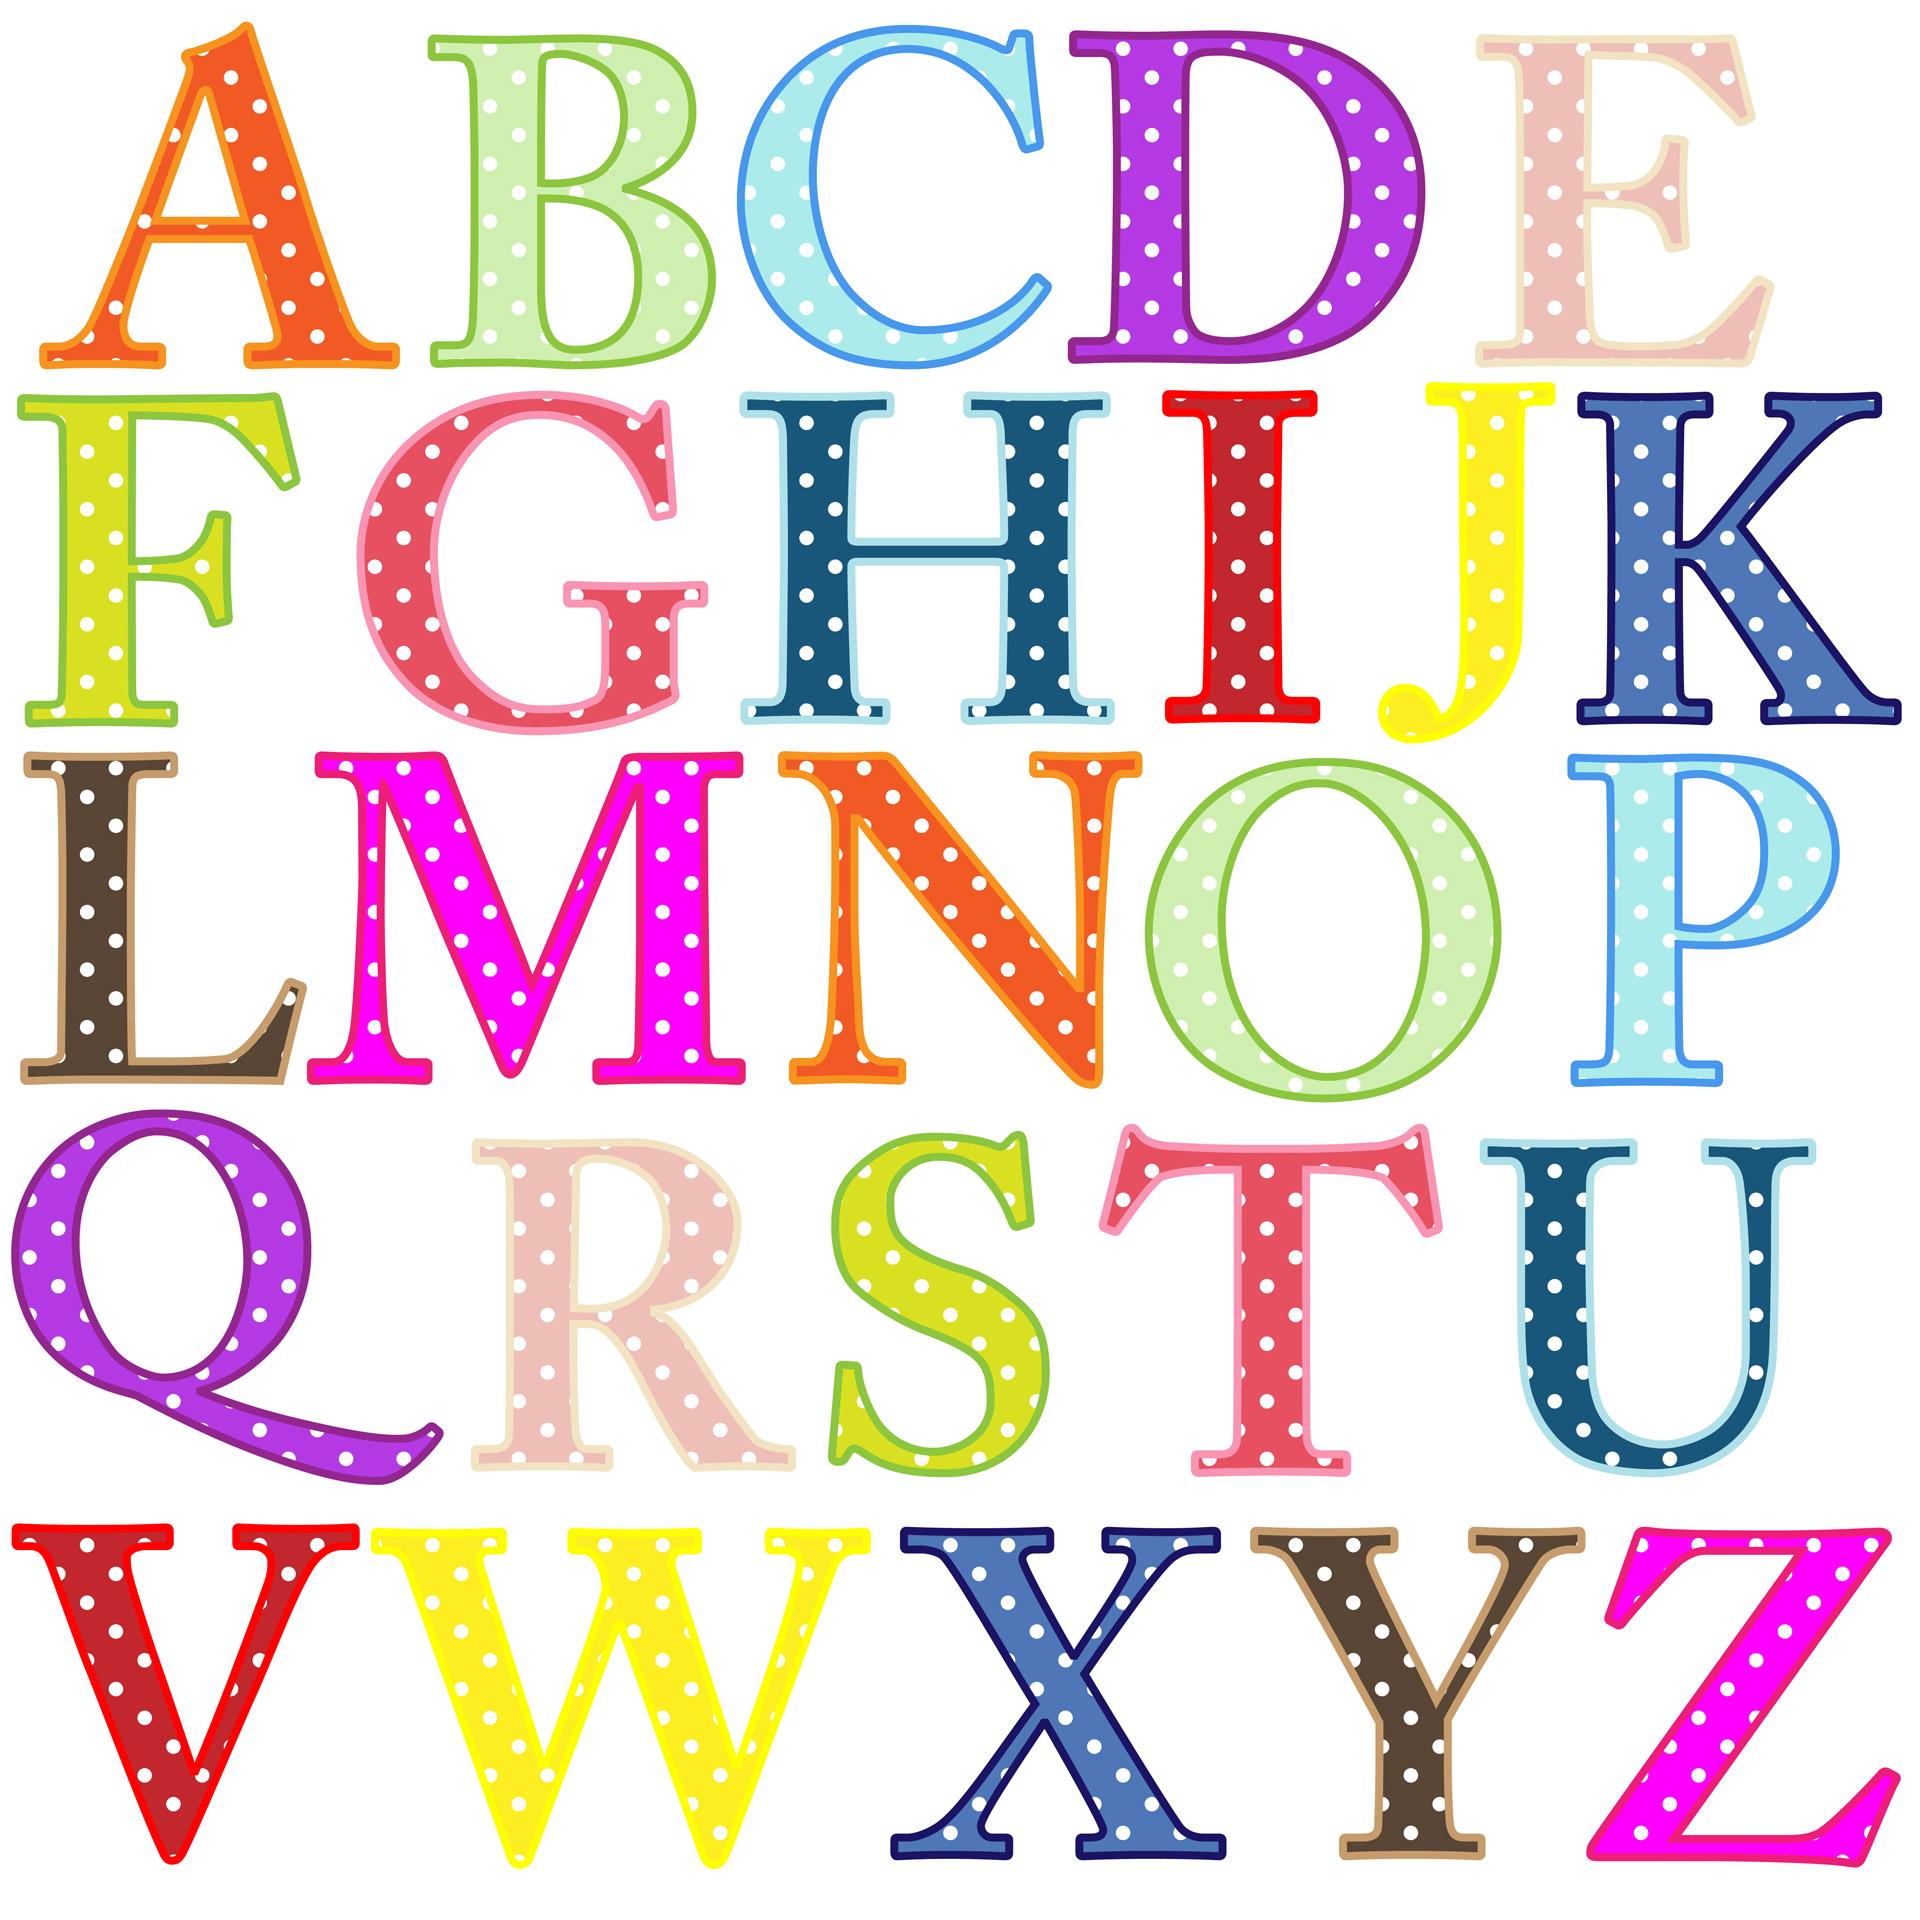 Alphabet Letters Clip-art-Alphabet Letters Clip-art-8